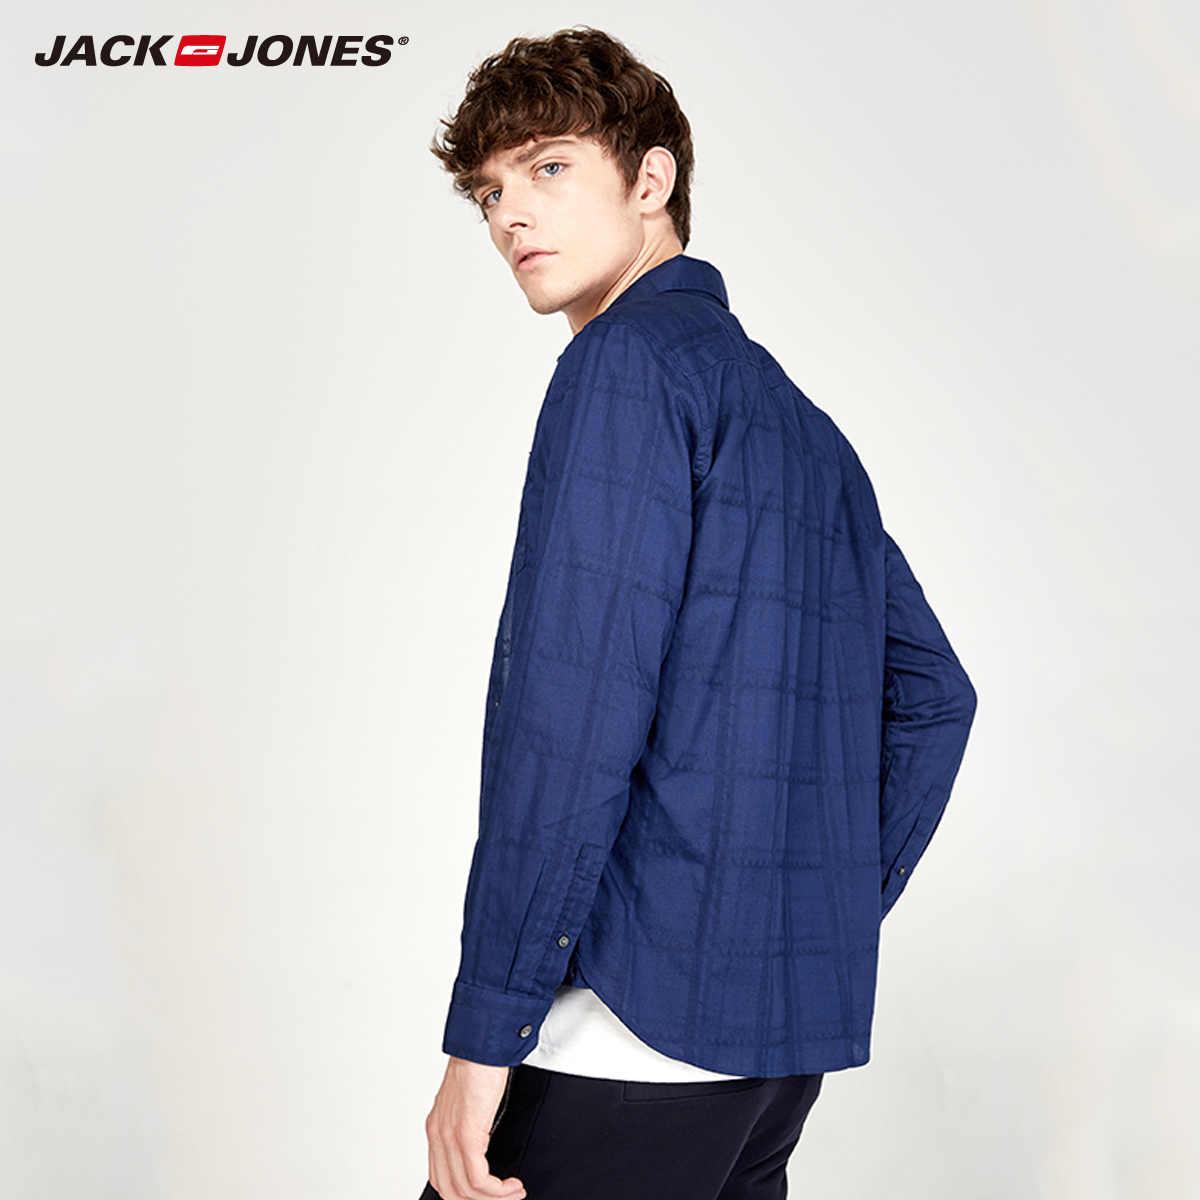 ジャック · ジョーンズ新 COTTON100 % スリムラペルシンプルなカフ長袖シャツ男性   216305568